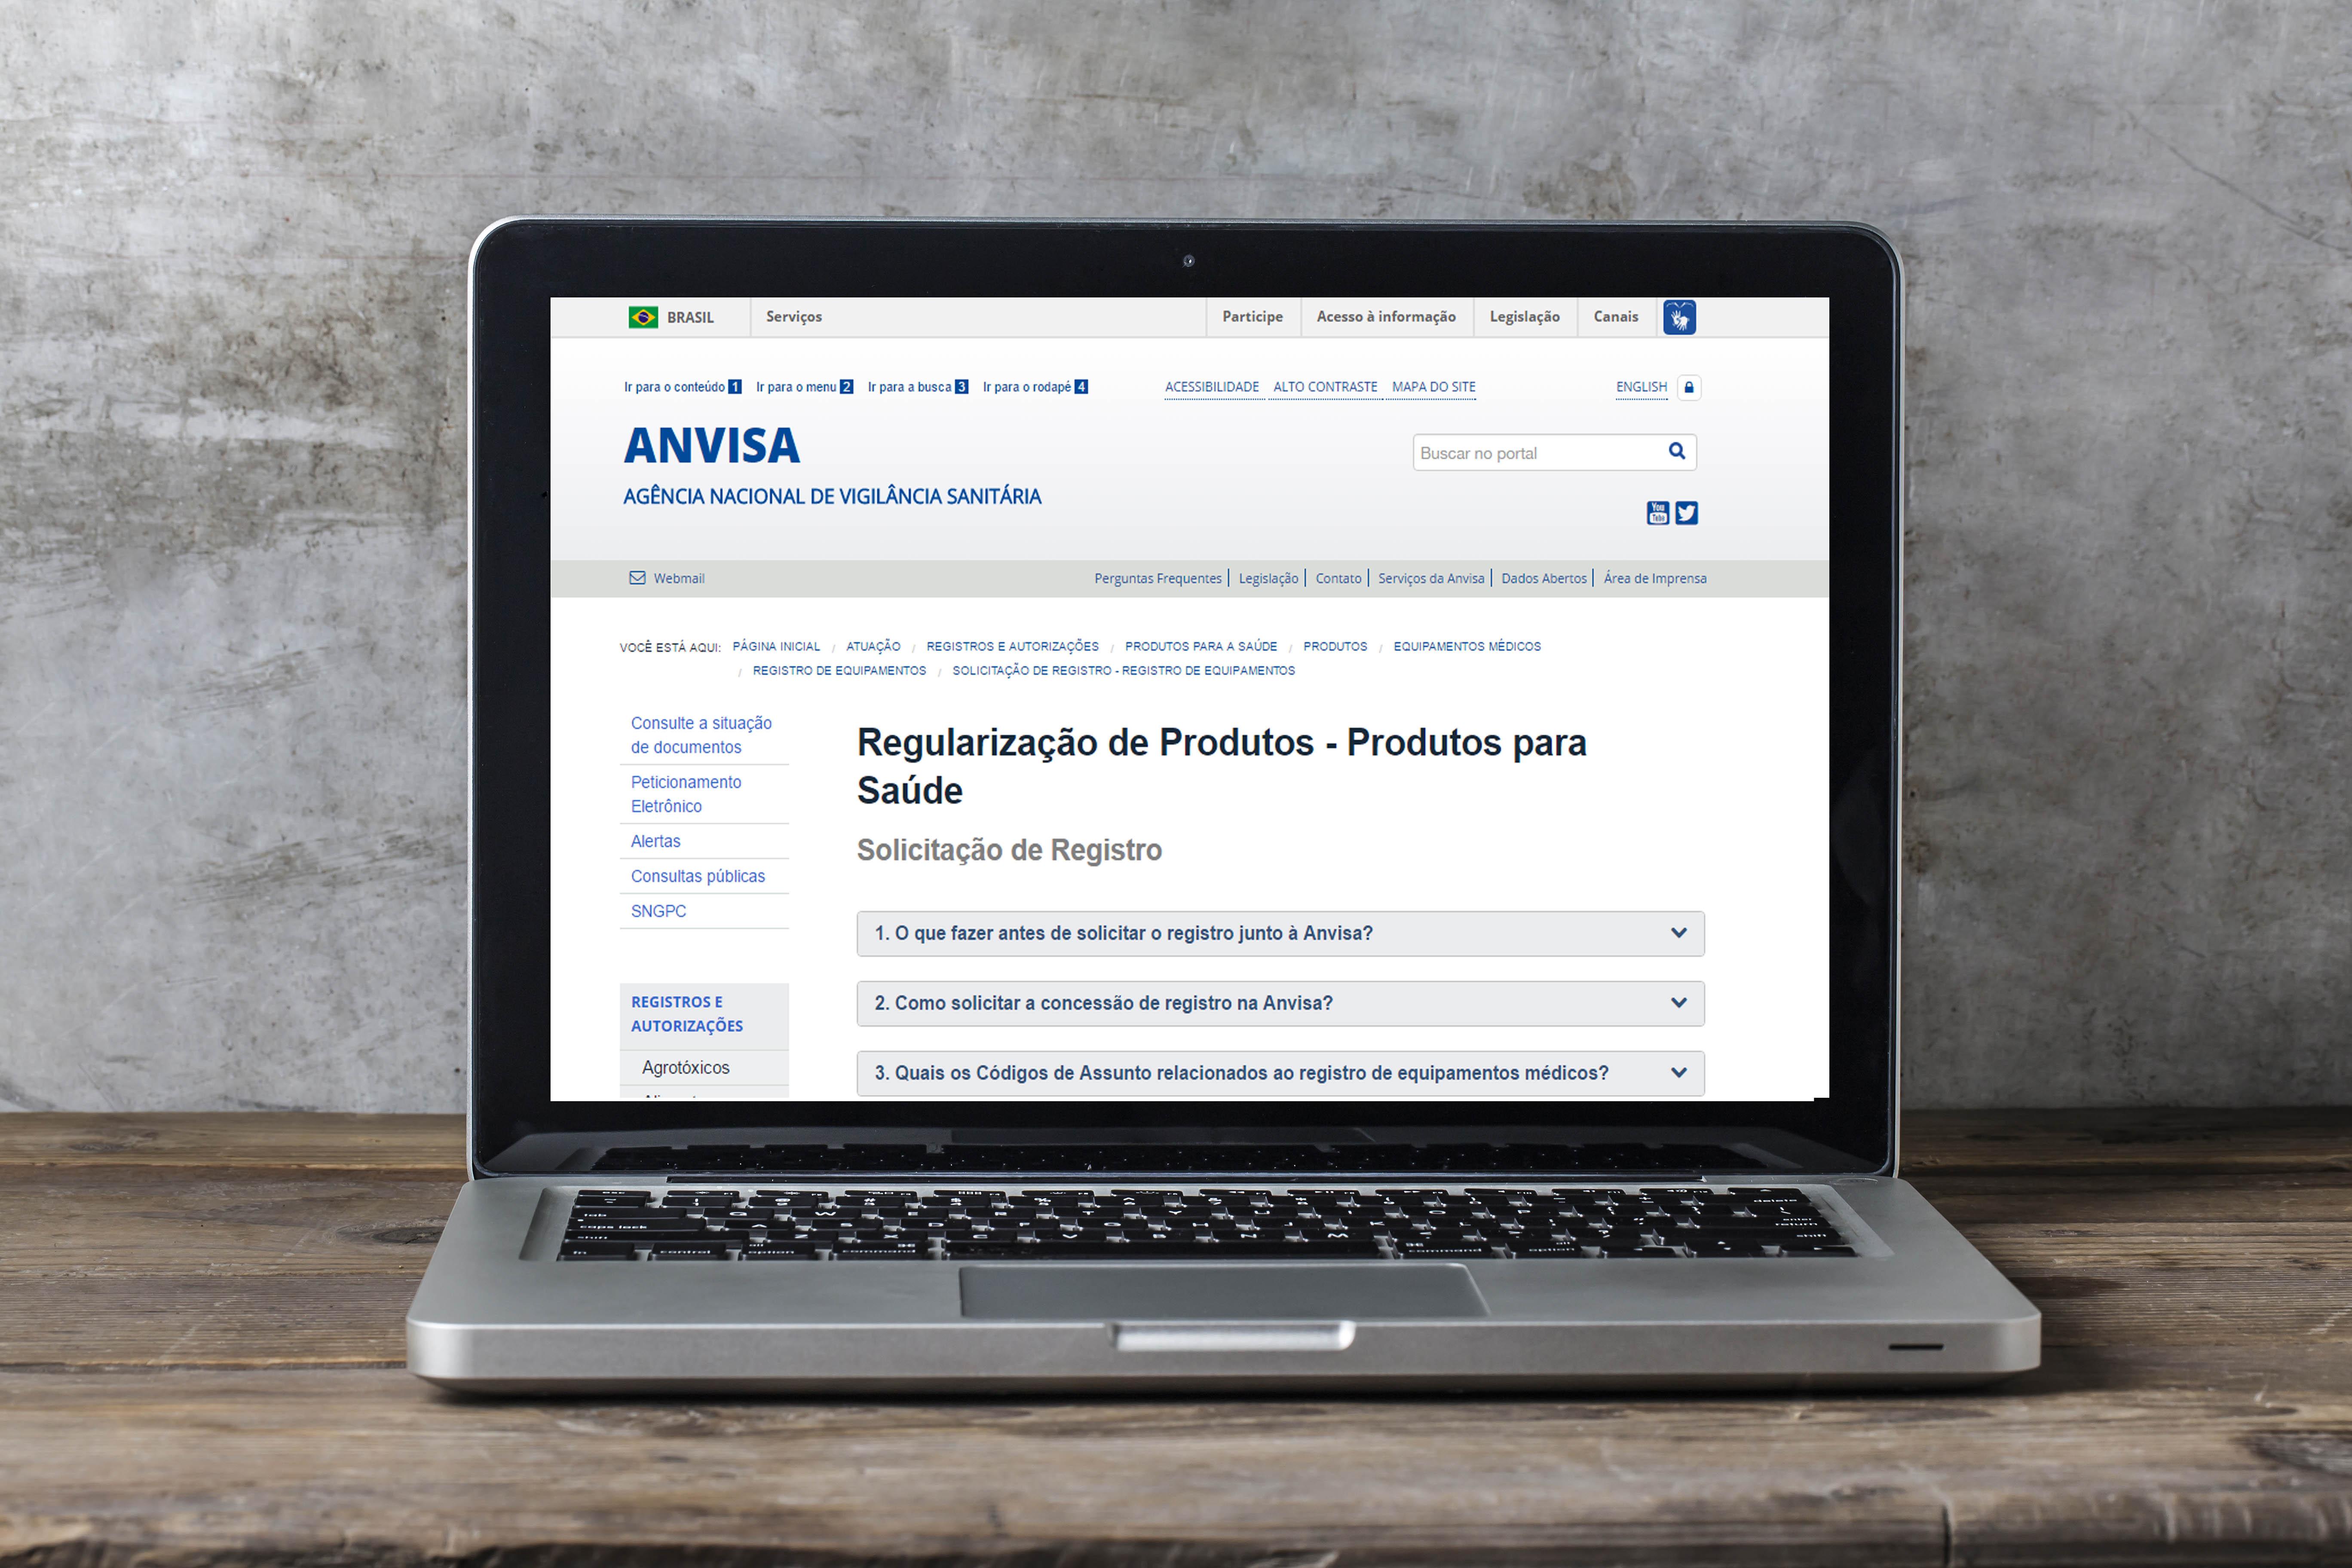 O registro de equipamentos médico se inicia de fato com o peticionamento eletrônico no site da Anvisa.